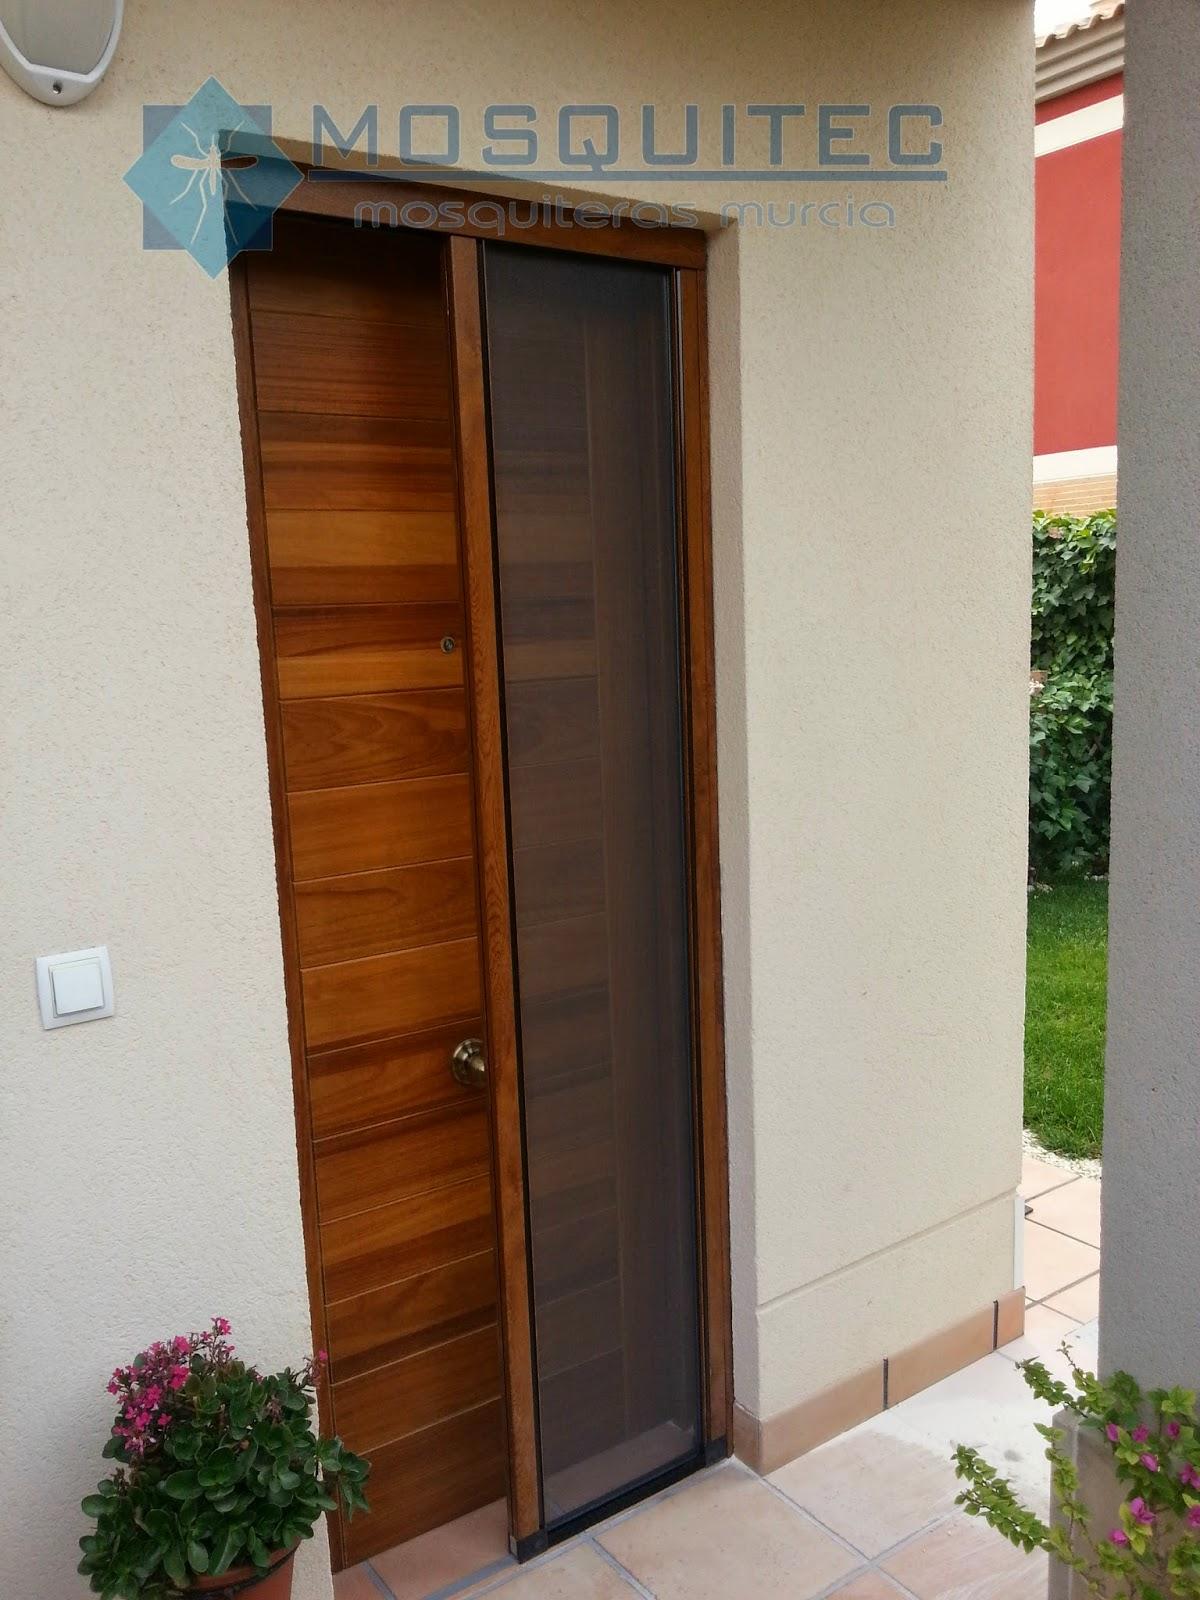 Mosquitera lateral bee mosquiteras murcia - Mosquiteras para puertas ...